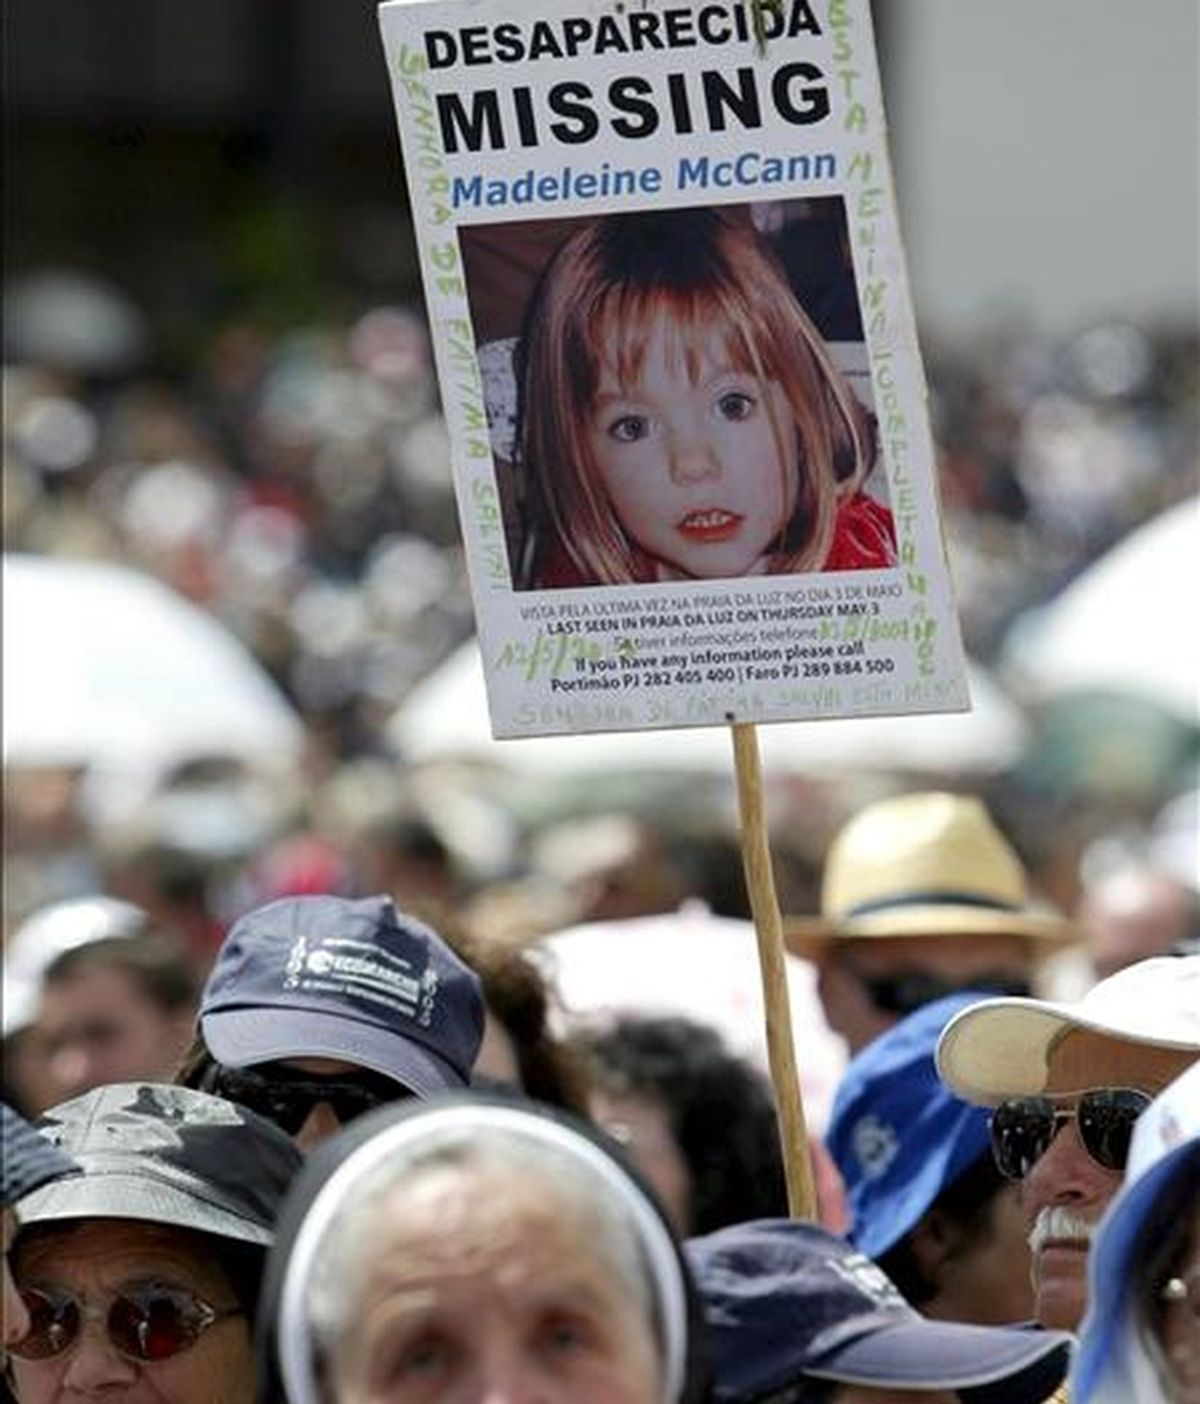 Retrato de la niña británica Madeleine McCann, desaparecida el 3 de mayo de 2007, en una procesión de peregrinos de la Virgen de Fátima, en el santuario de Fátima (Portugal). EFE/Archivo